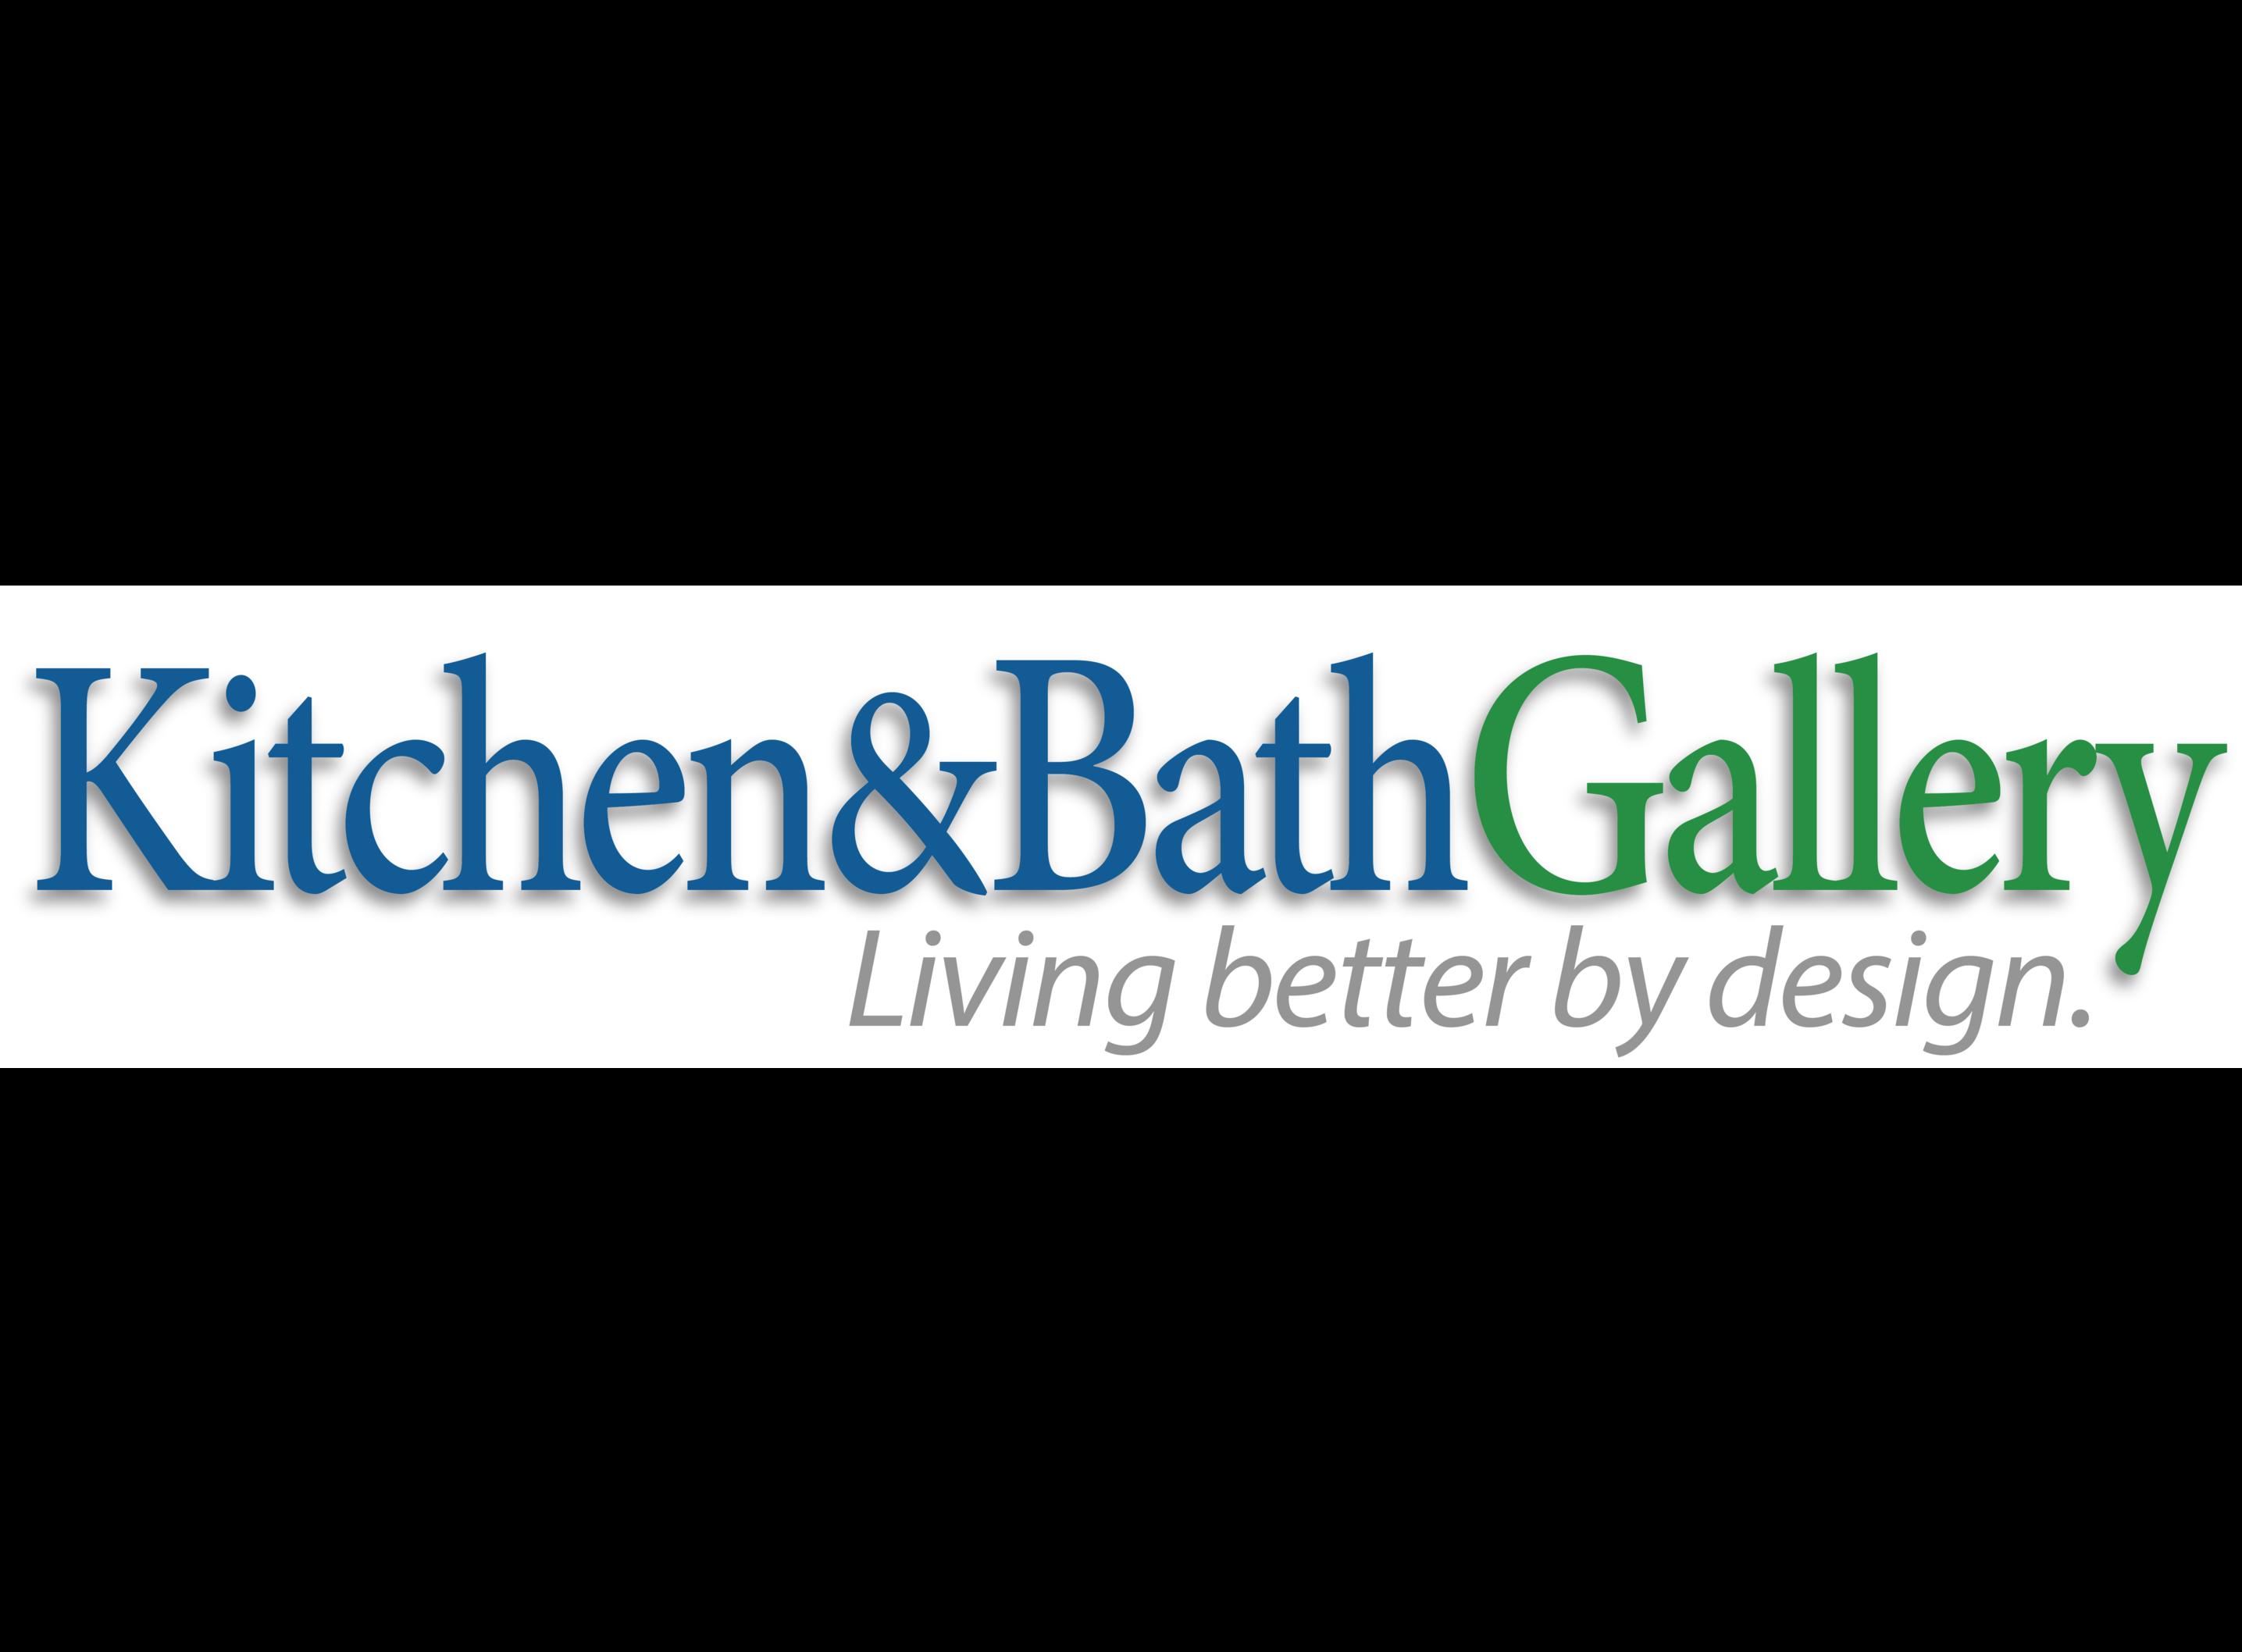 kohler bathroom kitchen products at kitchen bath gallery in